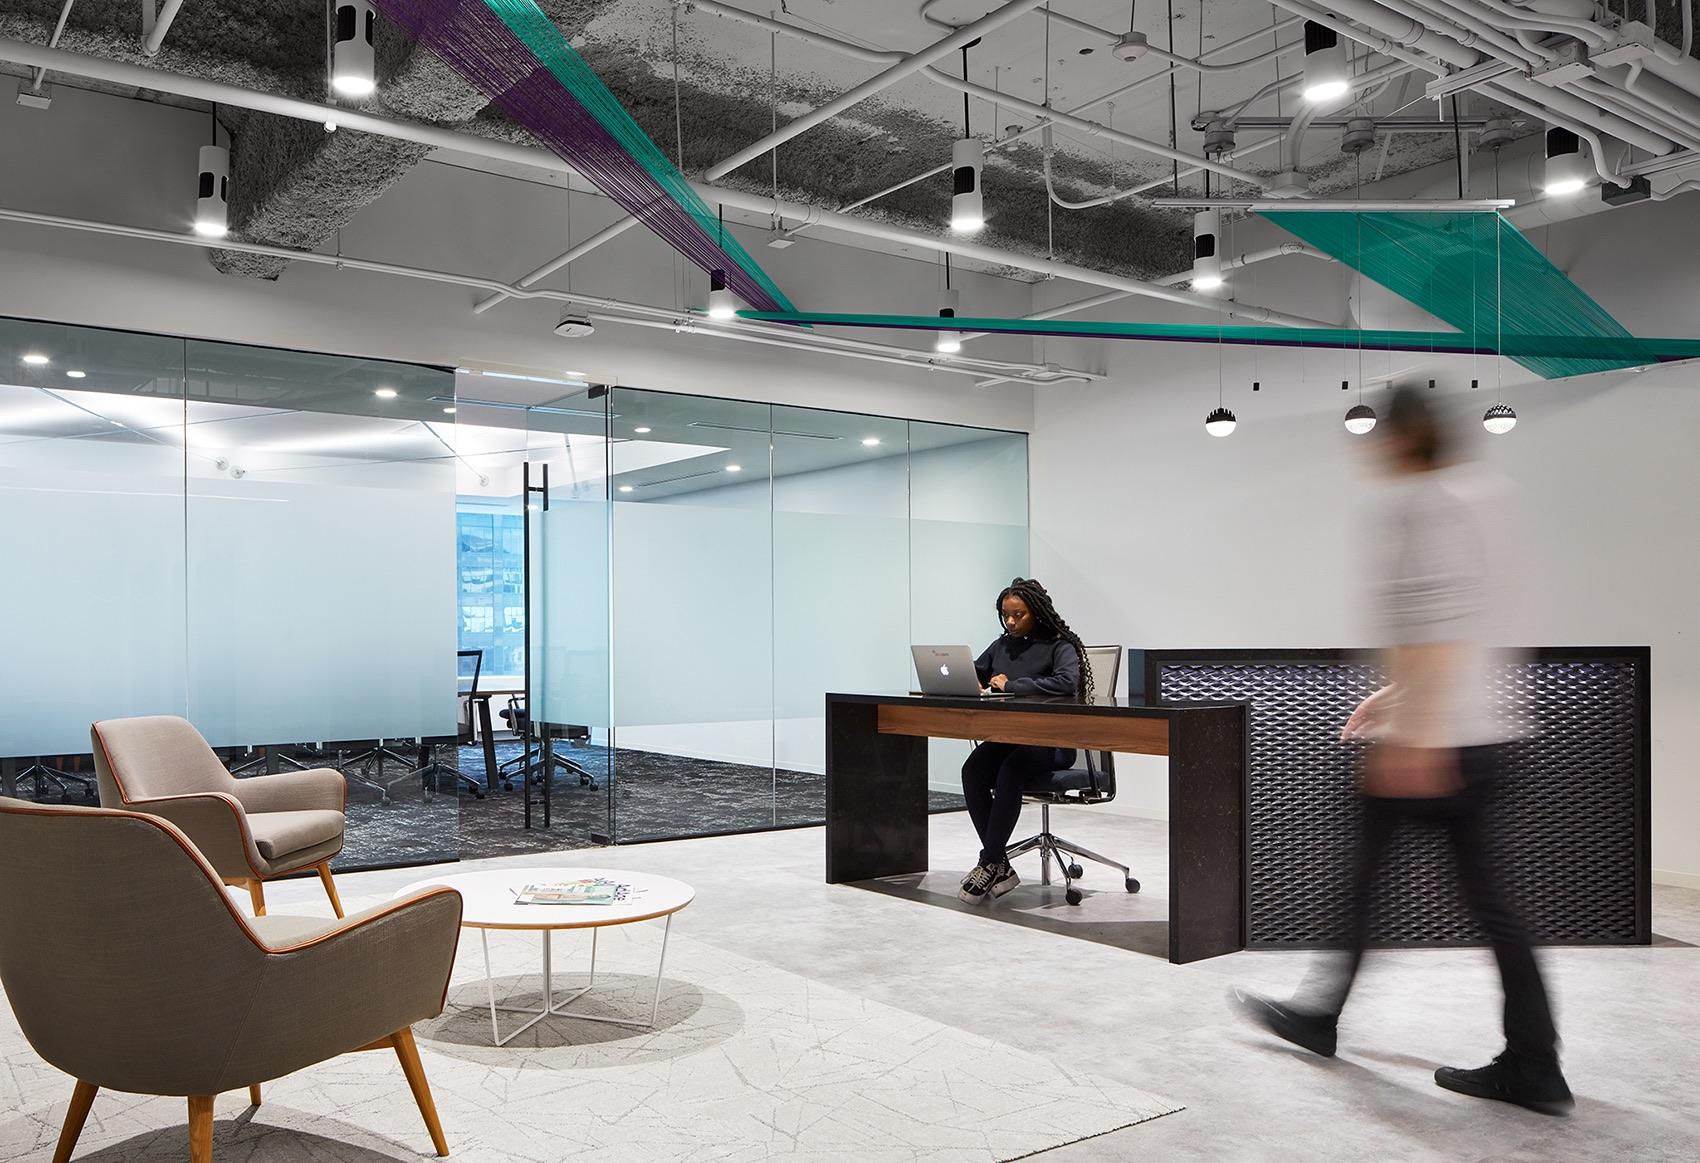 A Look Inside DialogTech's Modern Chicago Office